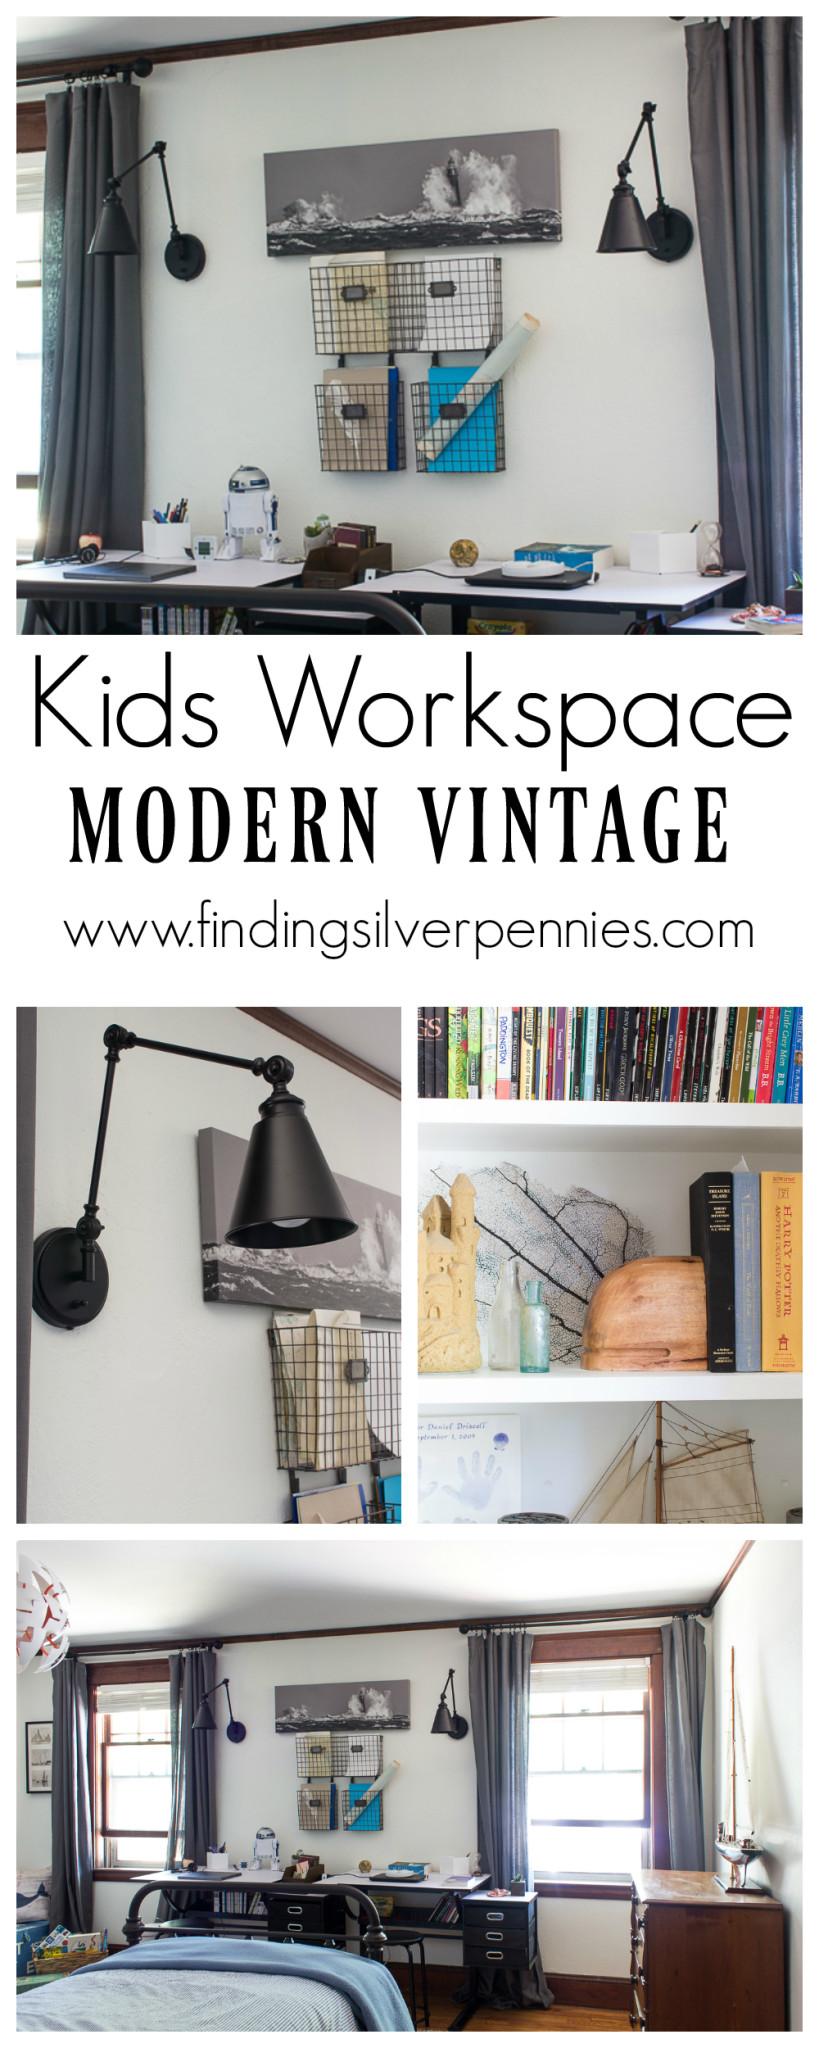 Kids Workspace Modern Vintage Mix